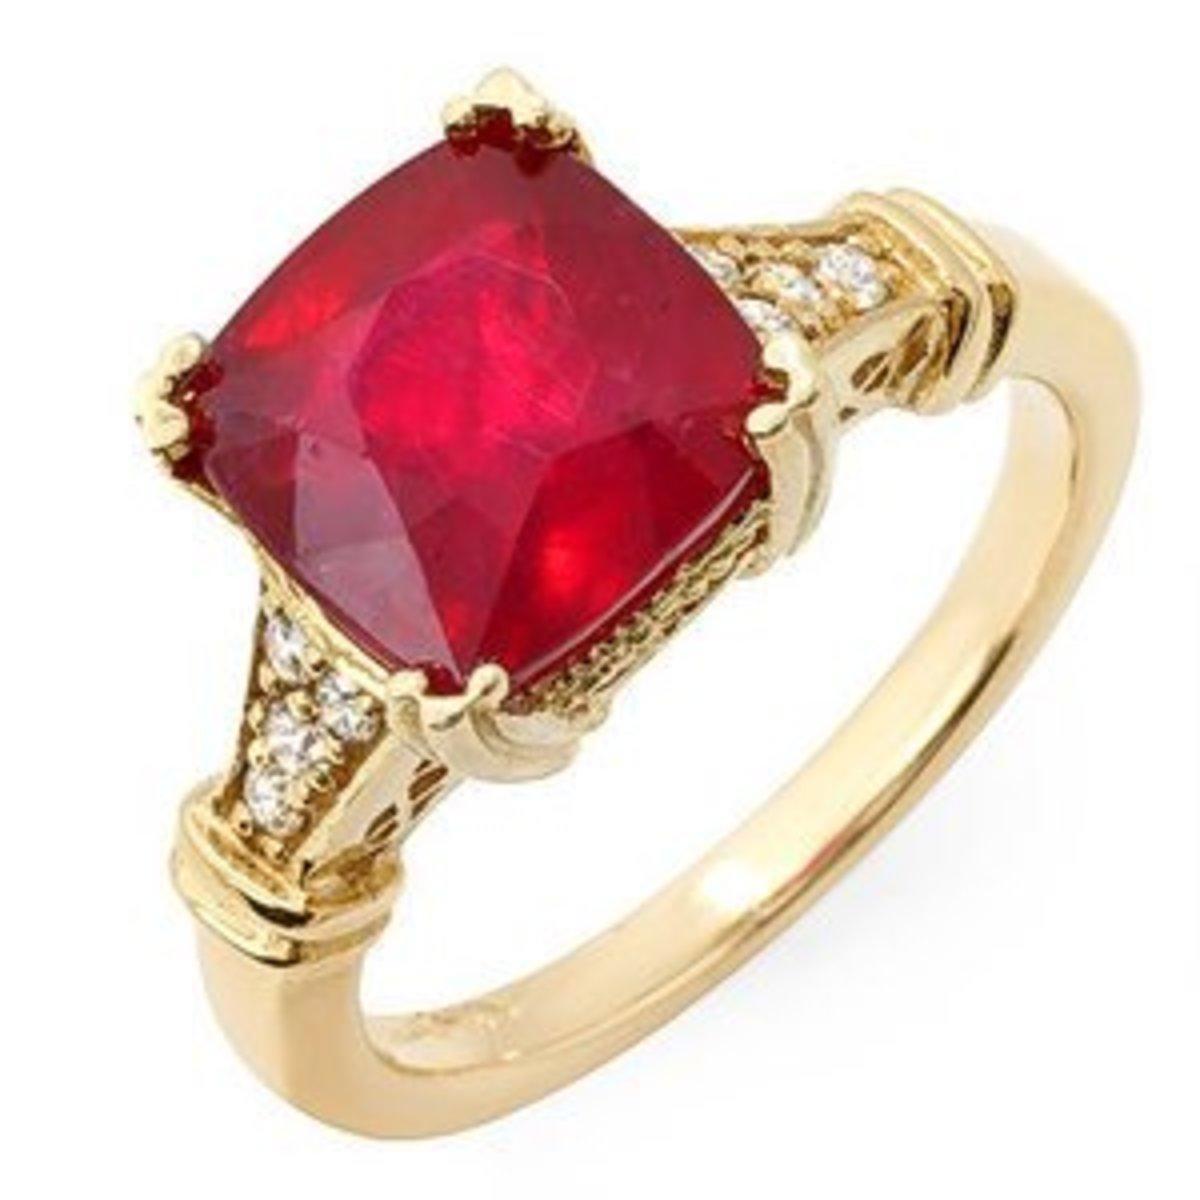 5 Carat Genuine Ruby Ring Gift